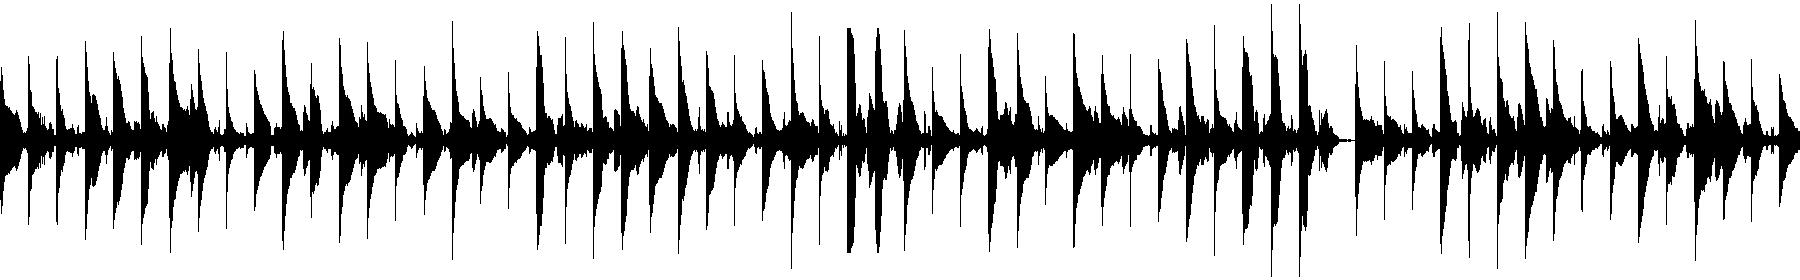 dgt2 15 lp 128 arp c